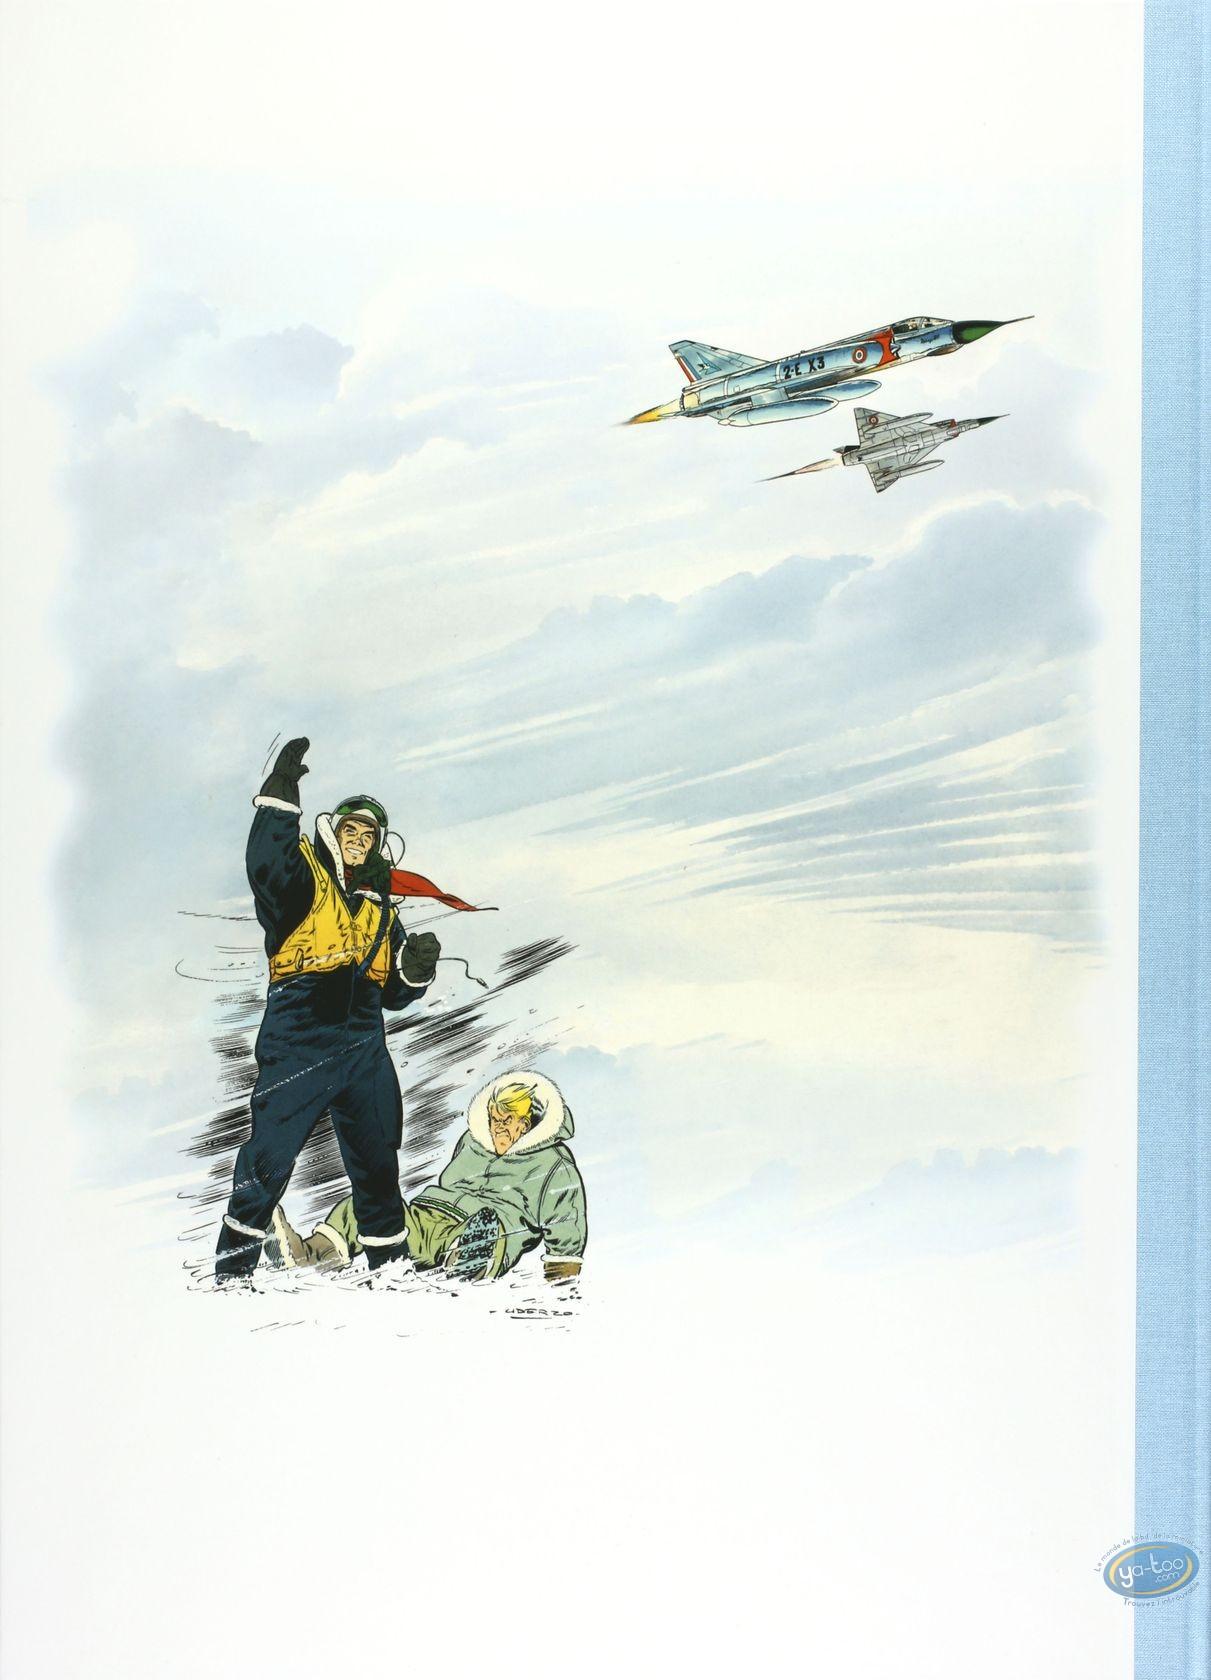 Album de Luxe, Tanguy et Laverdure : Uderzo, Danger dans le ciel, Collection 'Les Grands Classiques' version luxe